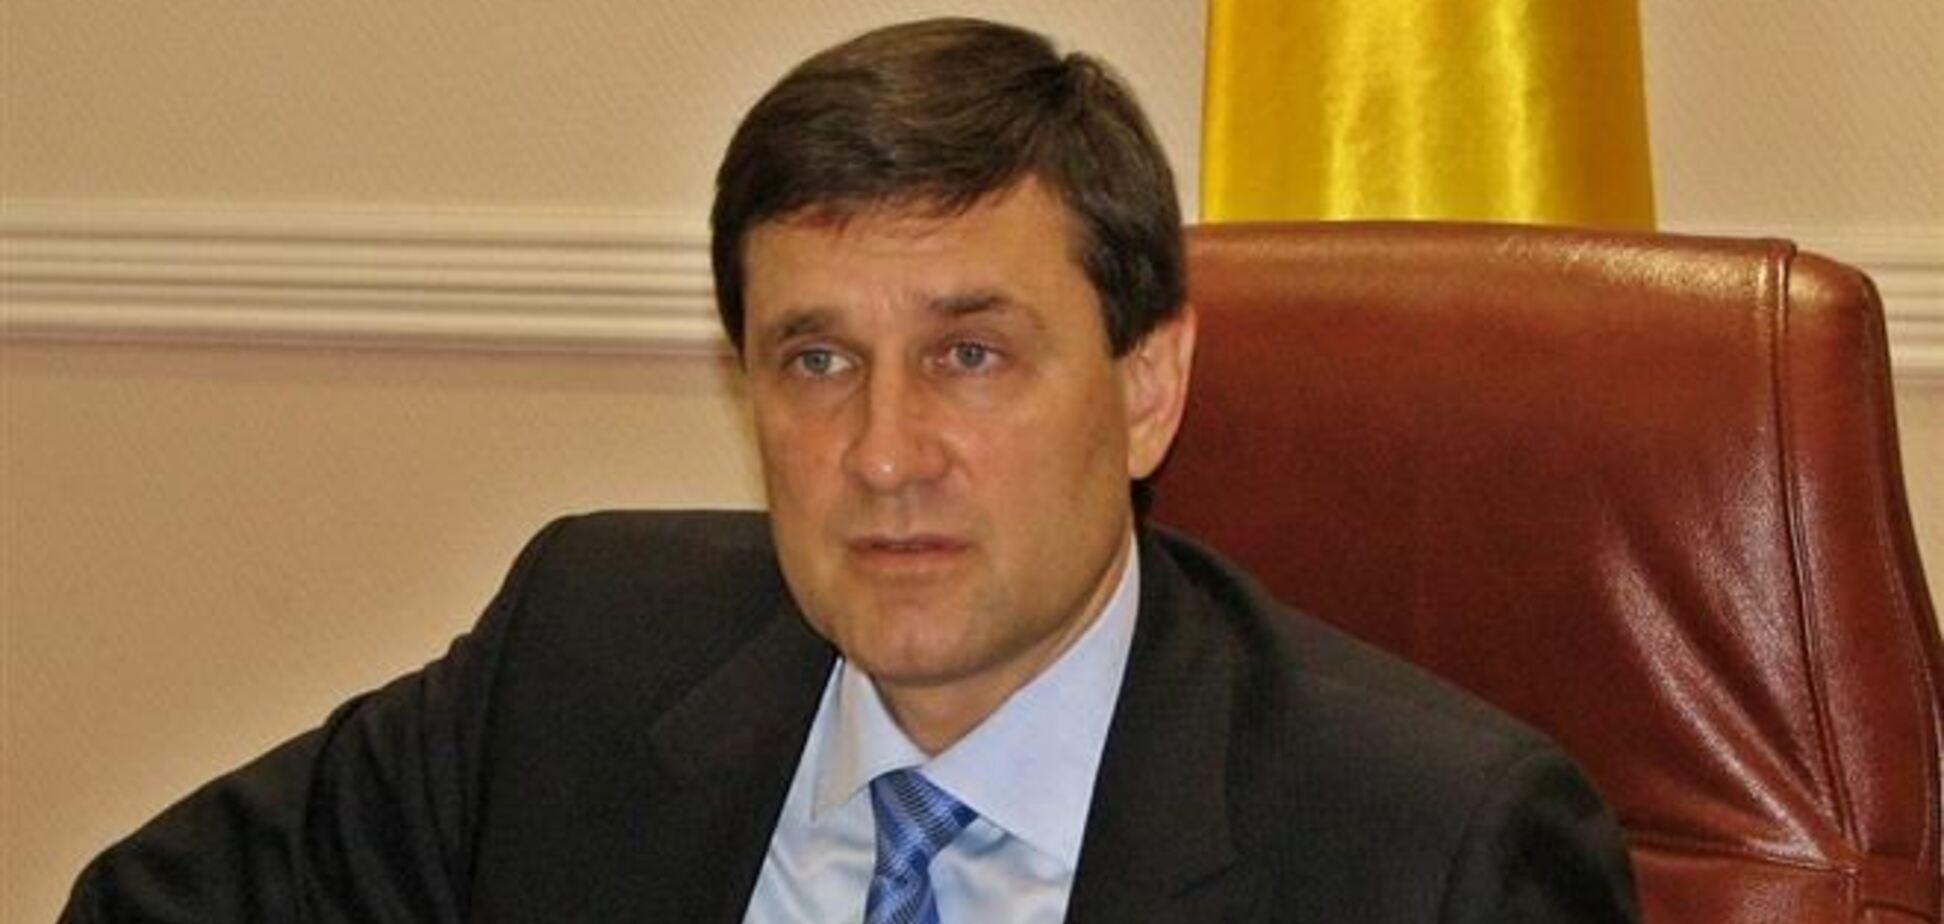 Розгул насильства повинен бути зупинений - губернатор Донеччини